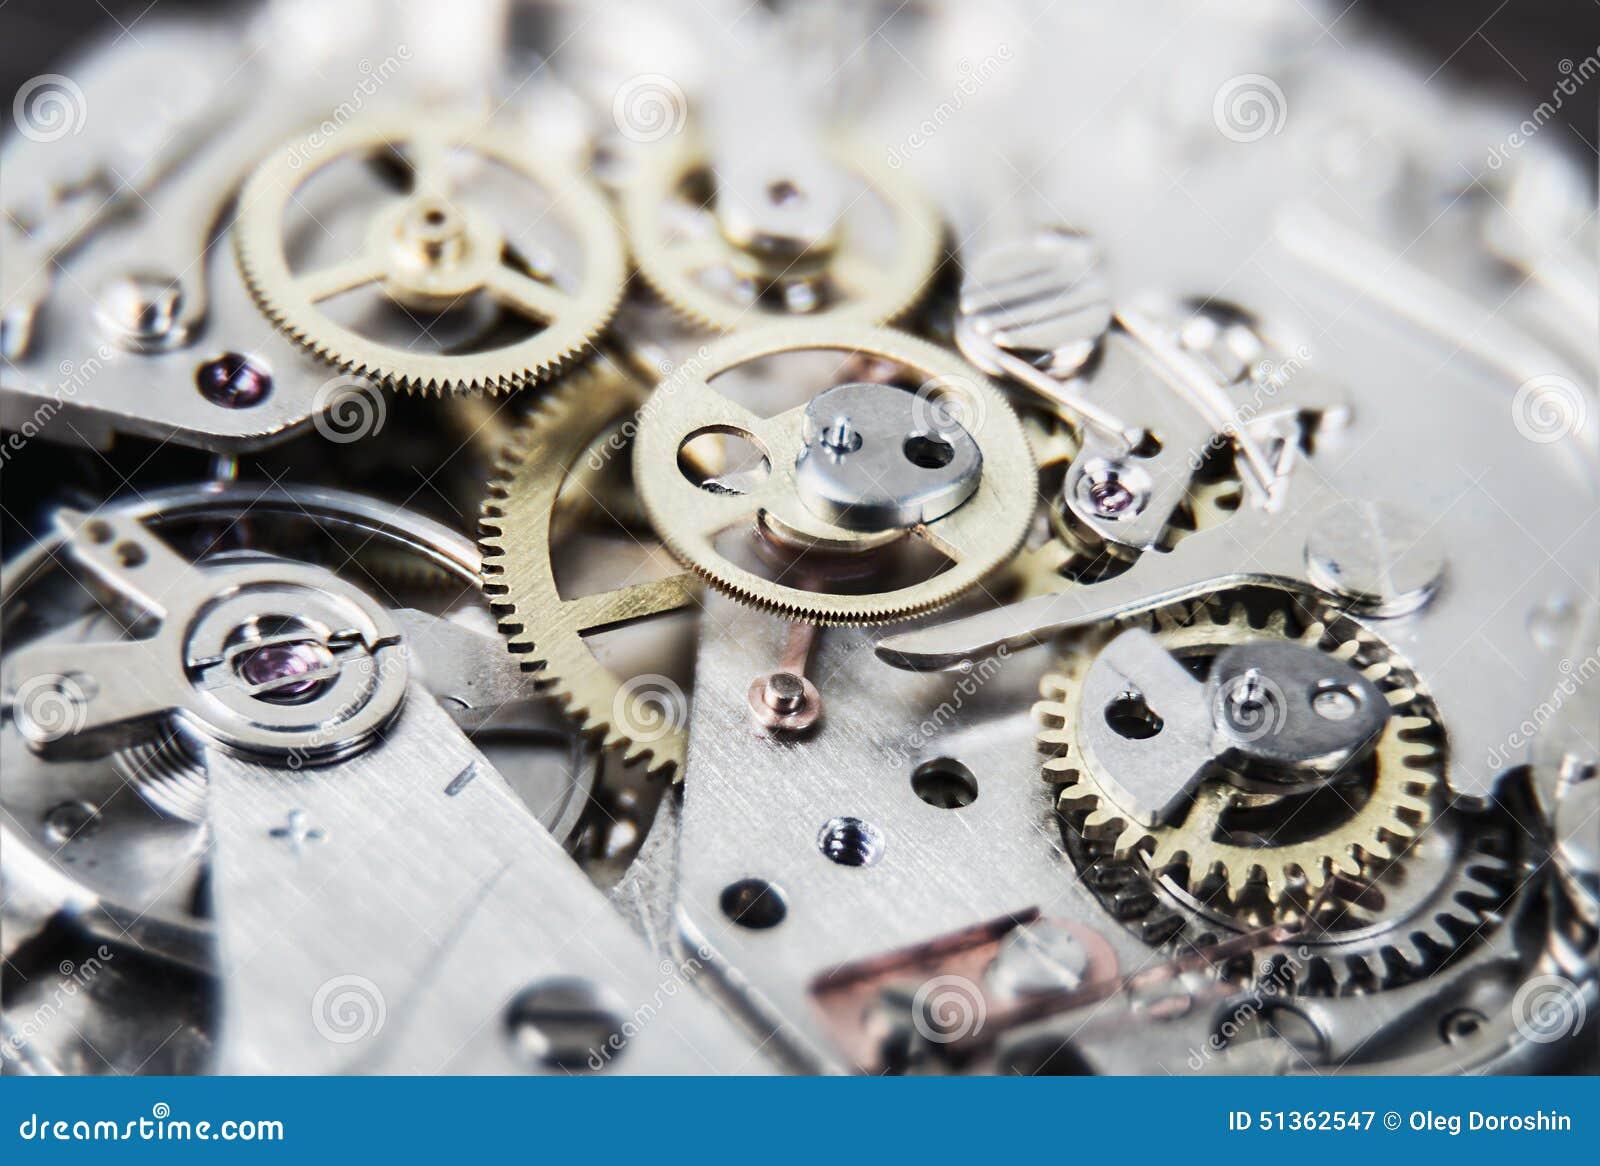 αφηρημένος μηχανισμός σύνθεσης ρολογιών ανασκόπησης